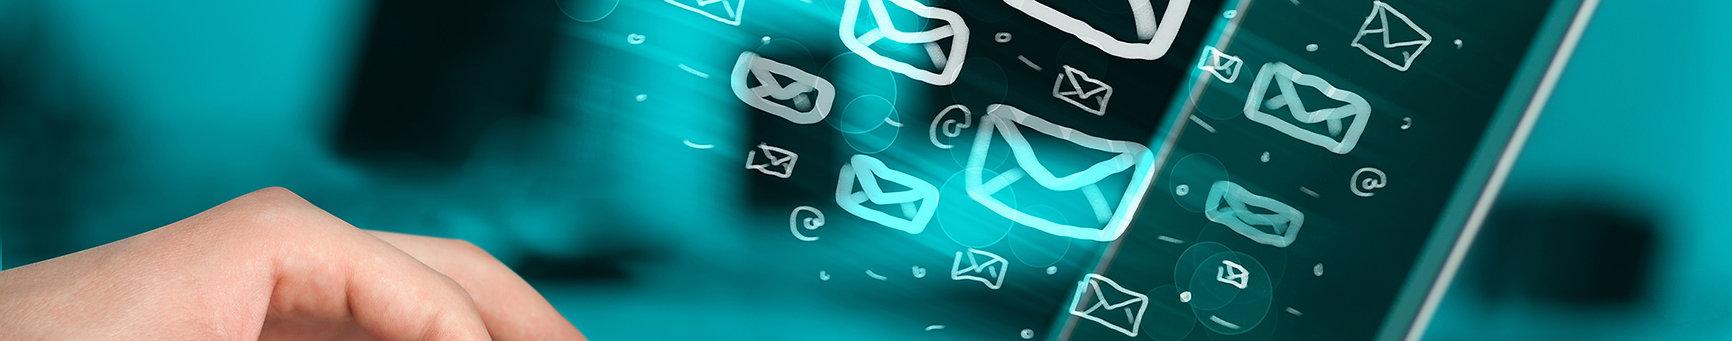 E-mails promocionais são uma das formas mais econômicas para qualquer empresa se conectar com os clientes. Pesquisas mostram que uma mensagem é cinco vezes mais provável de ser vista por e-mail do que em mídias sociais como Facebook ou Twitter. É por isso que os músicos usam o software de e-mail marketing para compartilhar seu cronograma de desempenho com seus fãs, sem fins lucrativos usam-no para obter doações e os fotógrafos o usam para promover seus serviços de retrato.